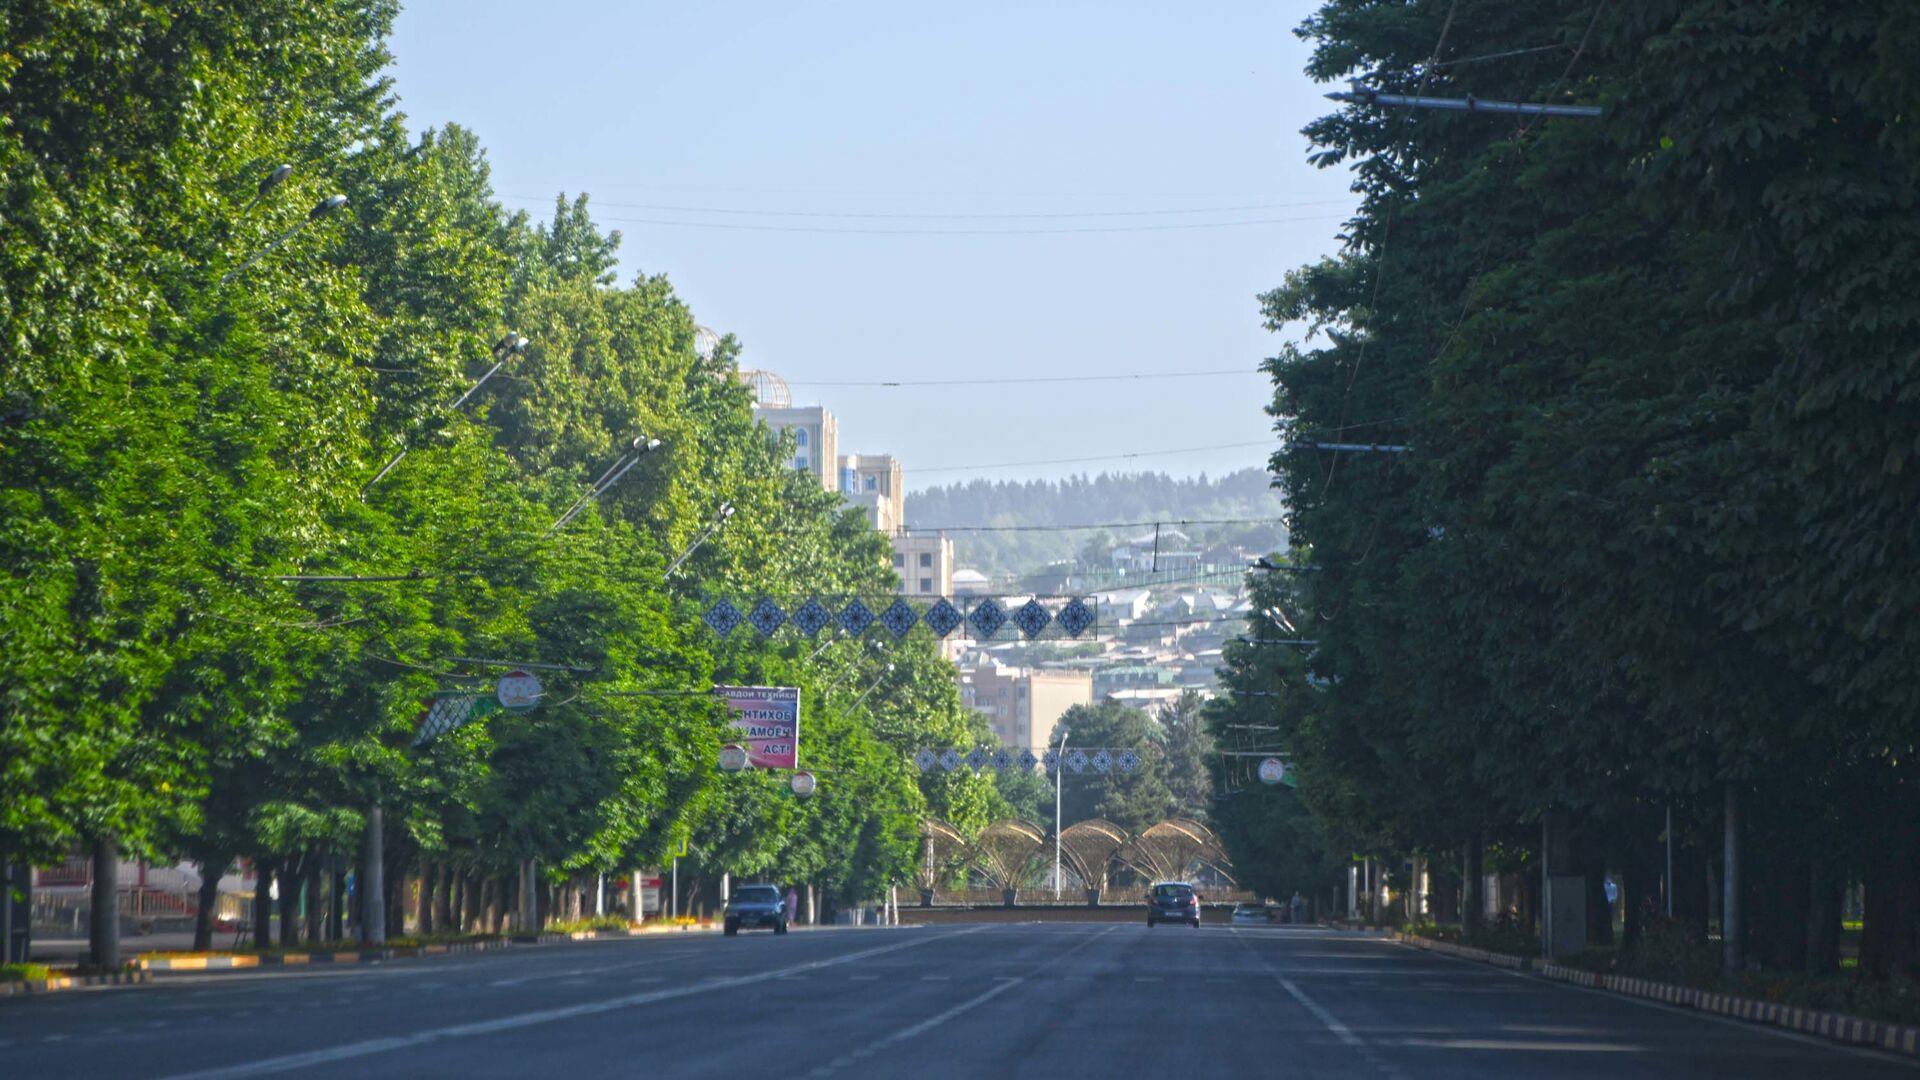 Опустевшие дороги в городе Душанбе  - Sputnik Тоҷикистон, 1920, 28.08.2021